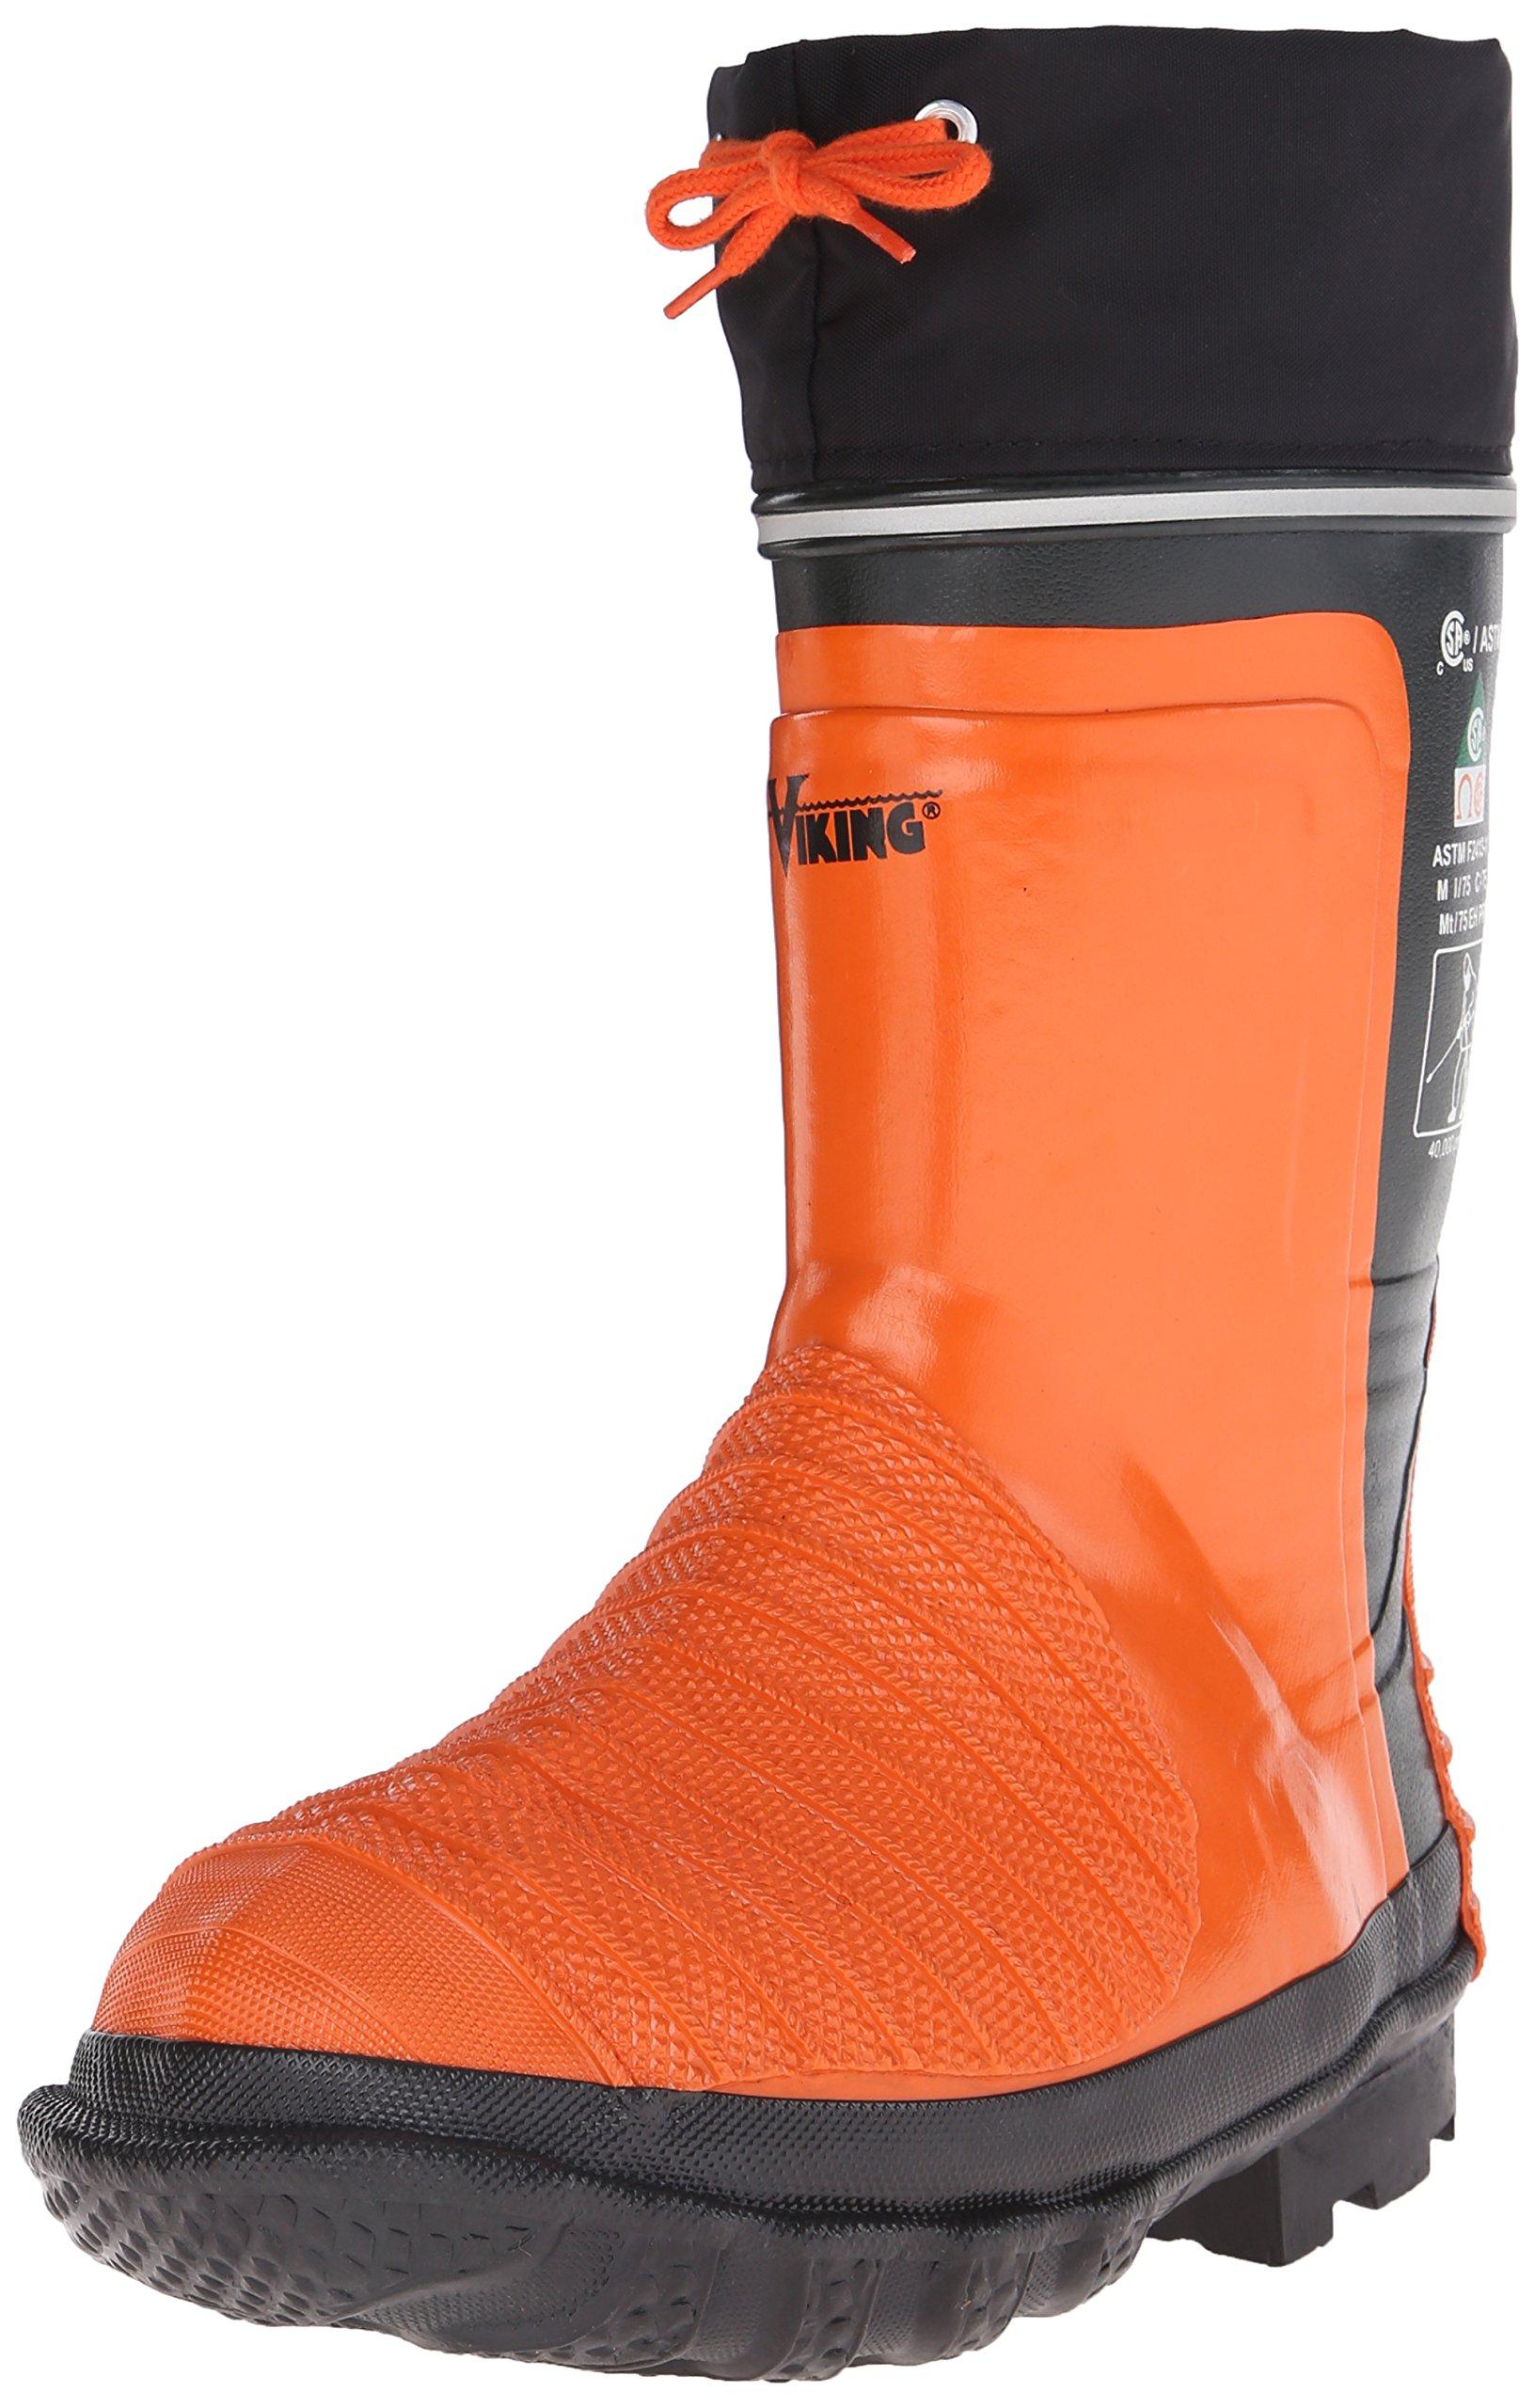 Viking Footwear Water Jet Waterproof Boot, Black/Orange, 11 M US by Viking Footwear